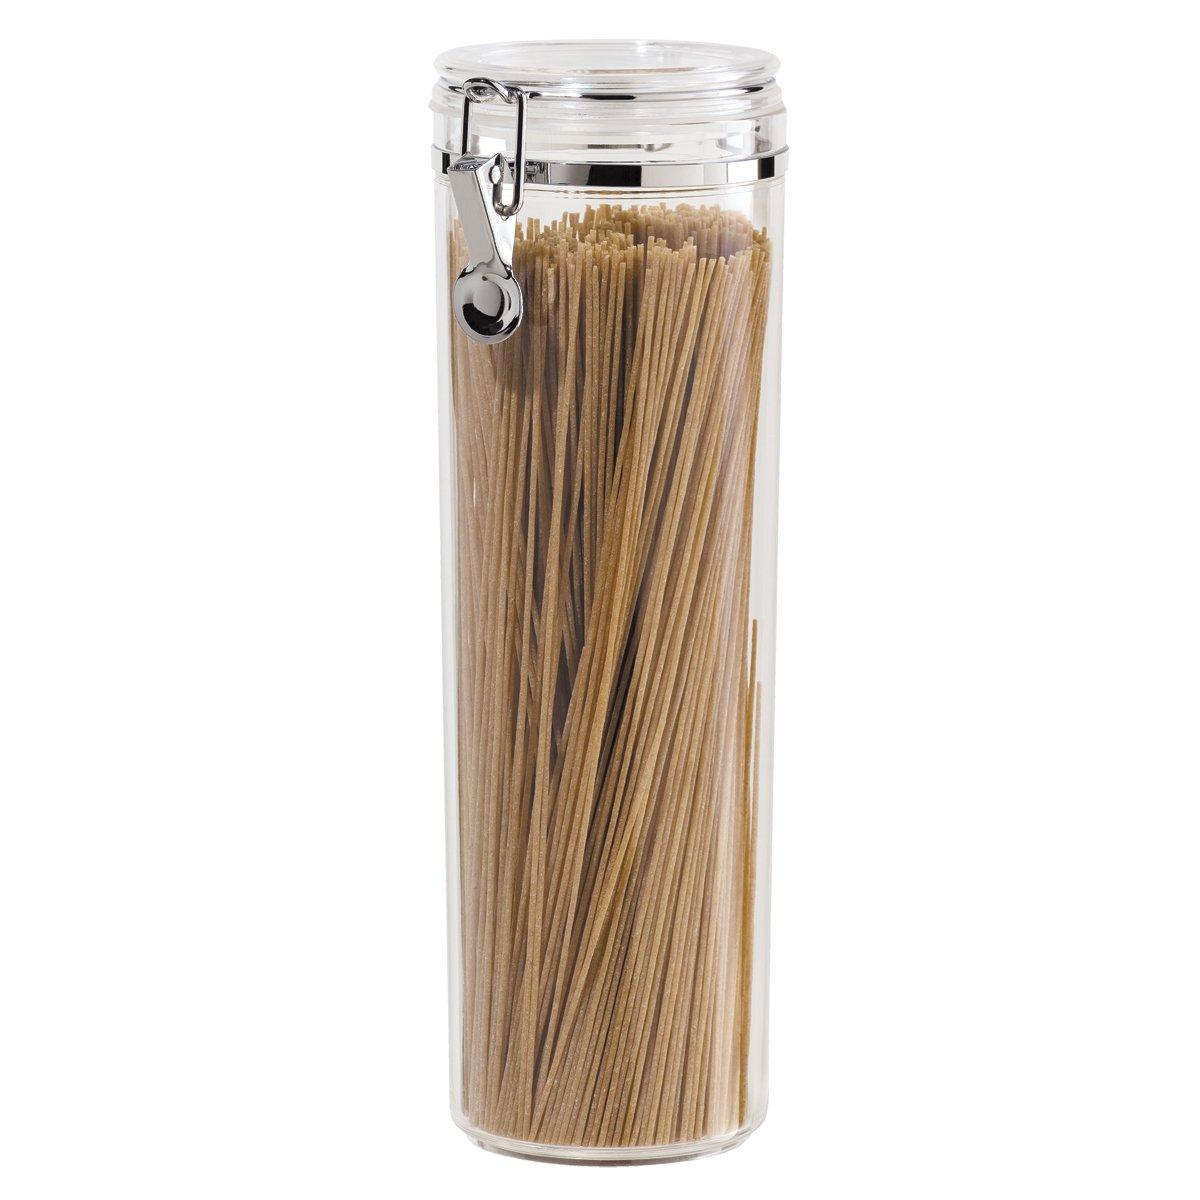 Oggi Acrylic Airtight Pasta Canister with Clamp, 58-Ounce 5370